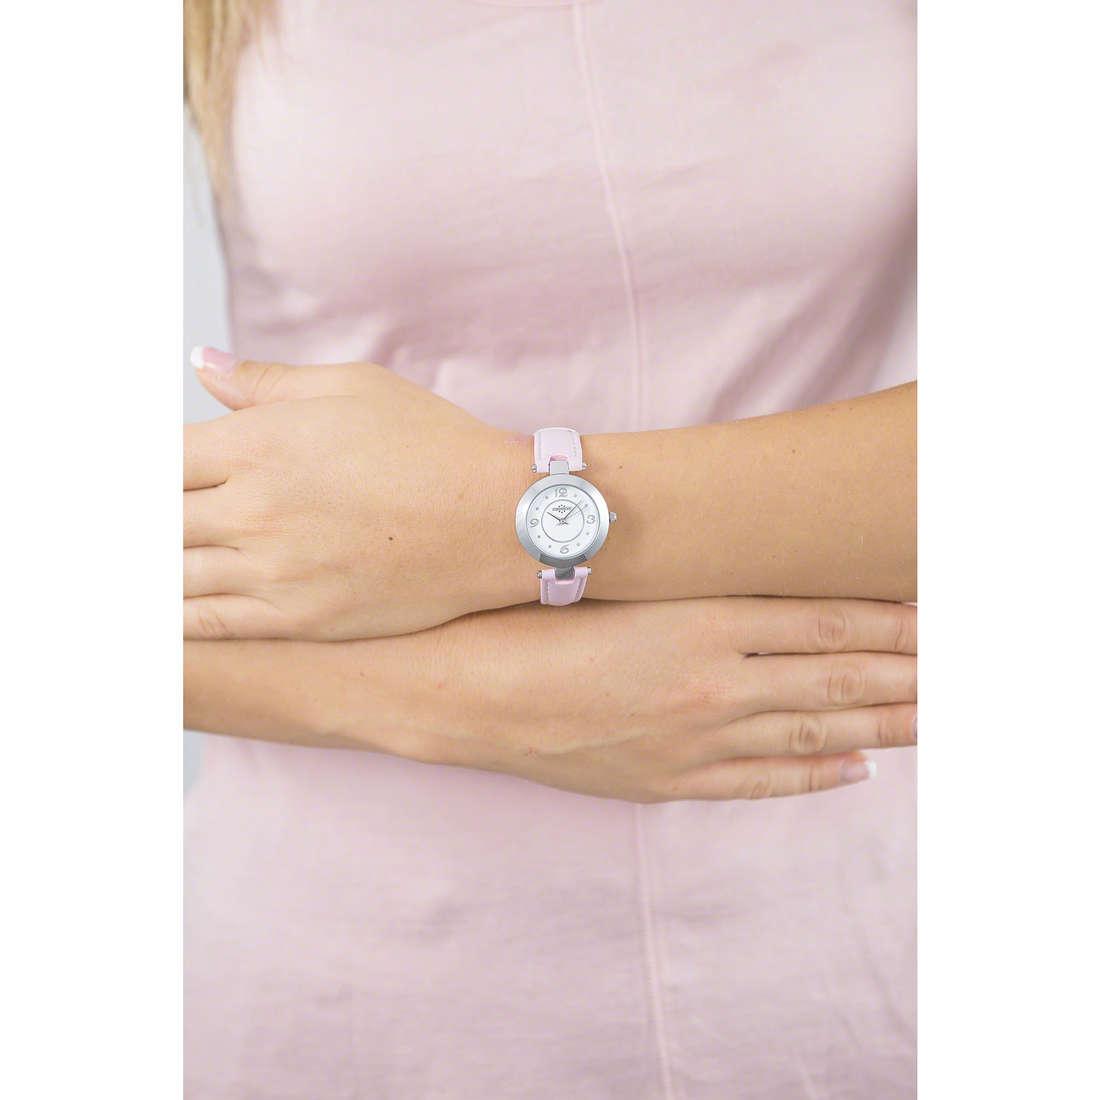 Chronostar seul le temps Pastel femme R3751243509 indosso